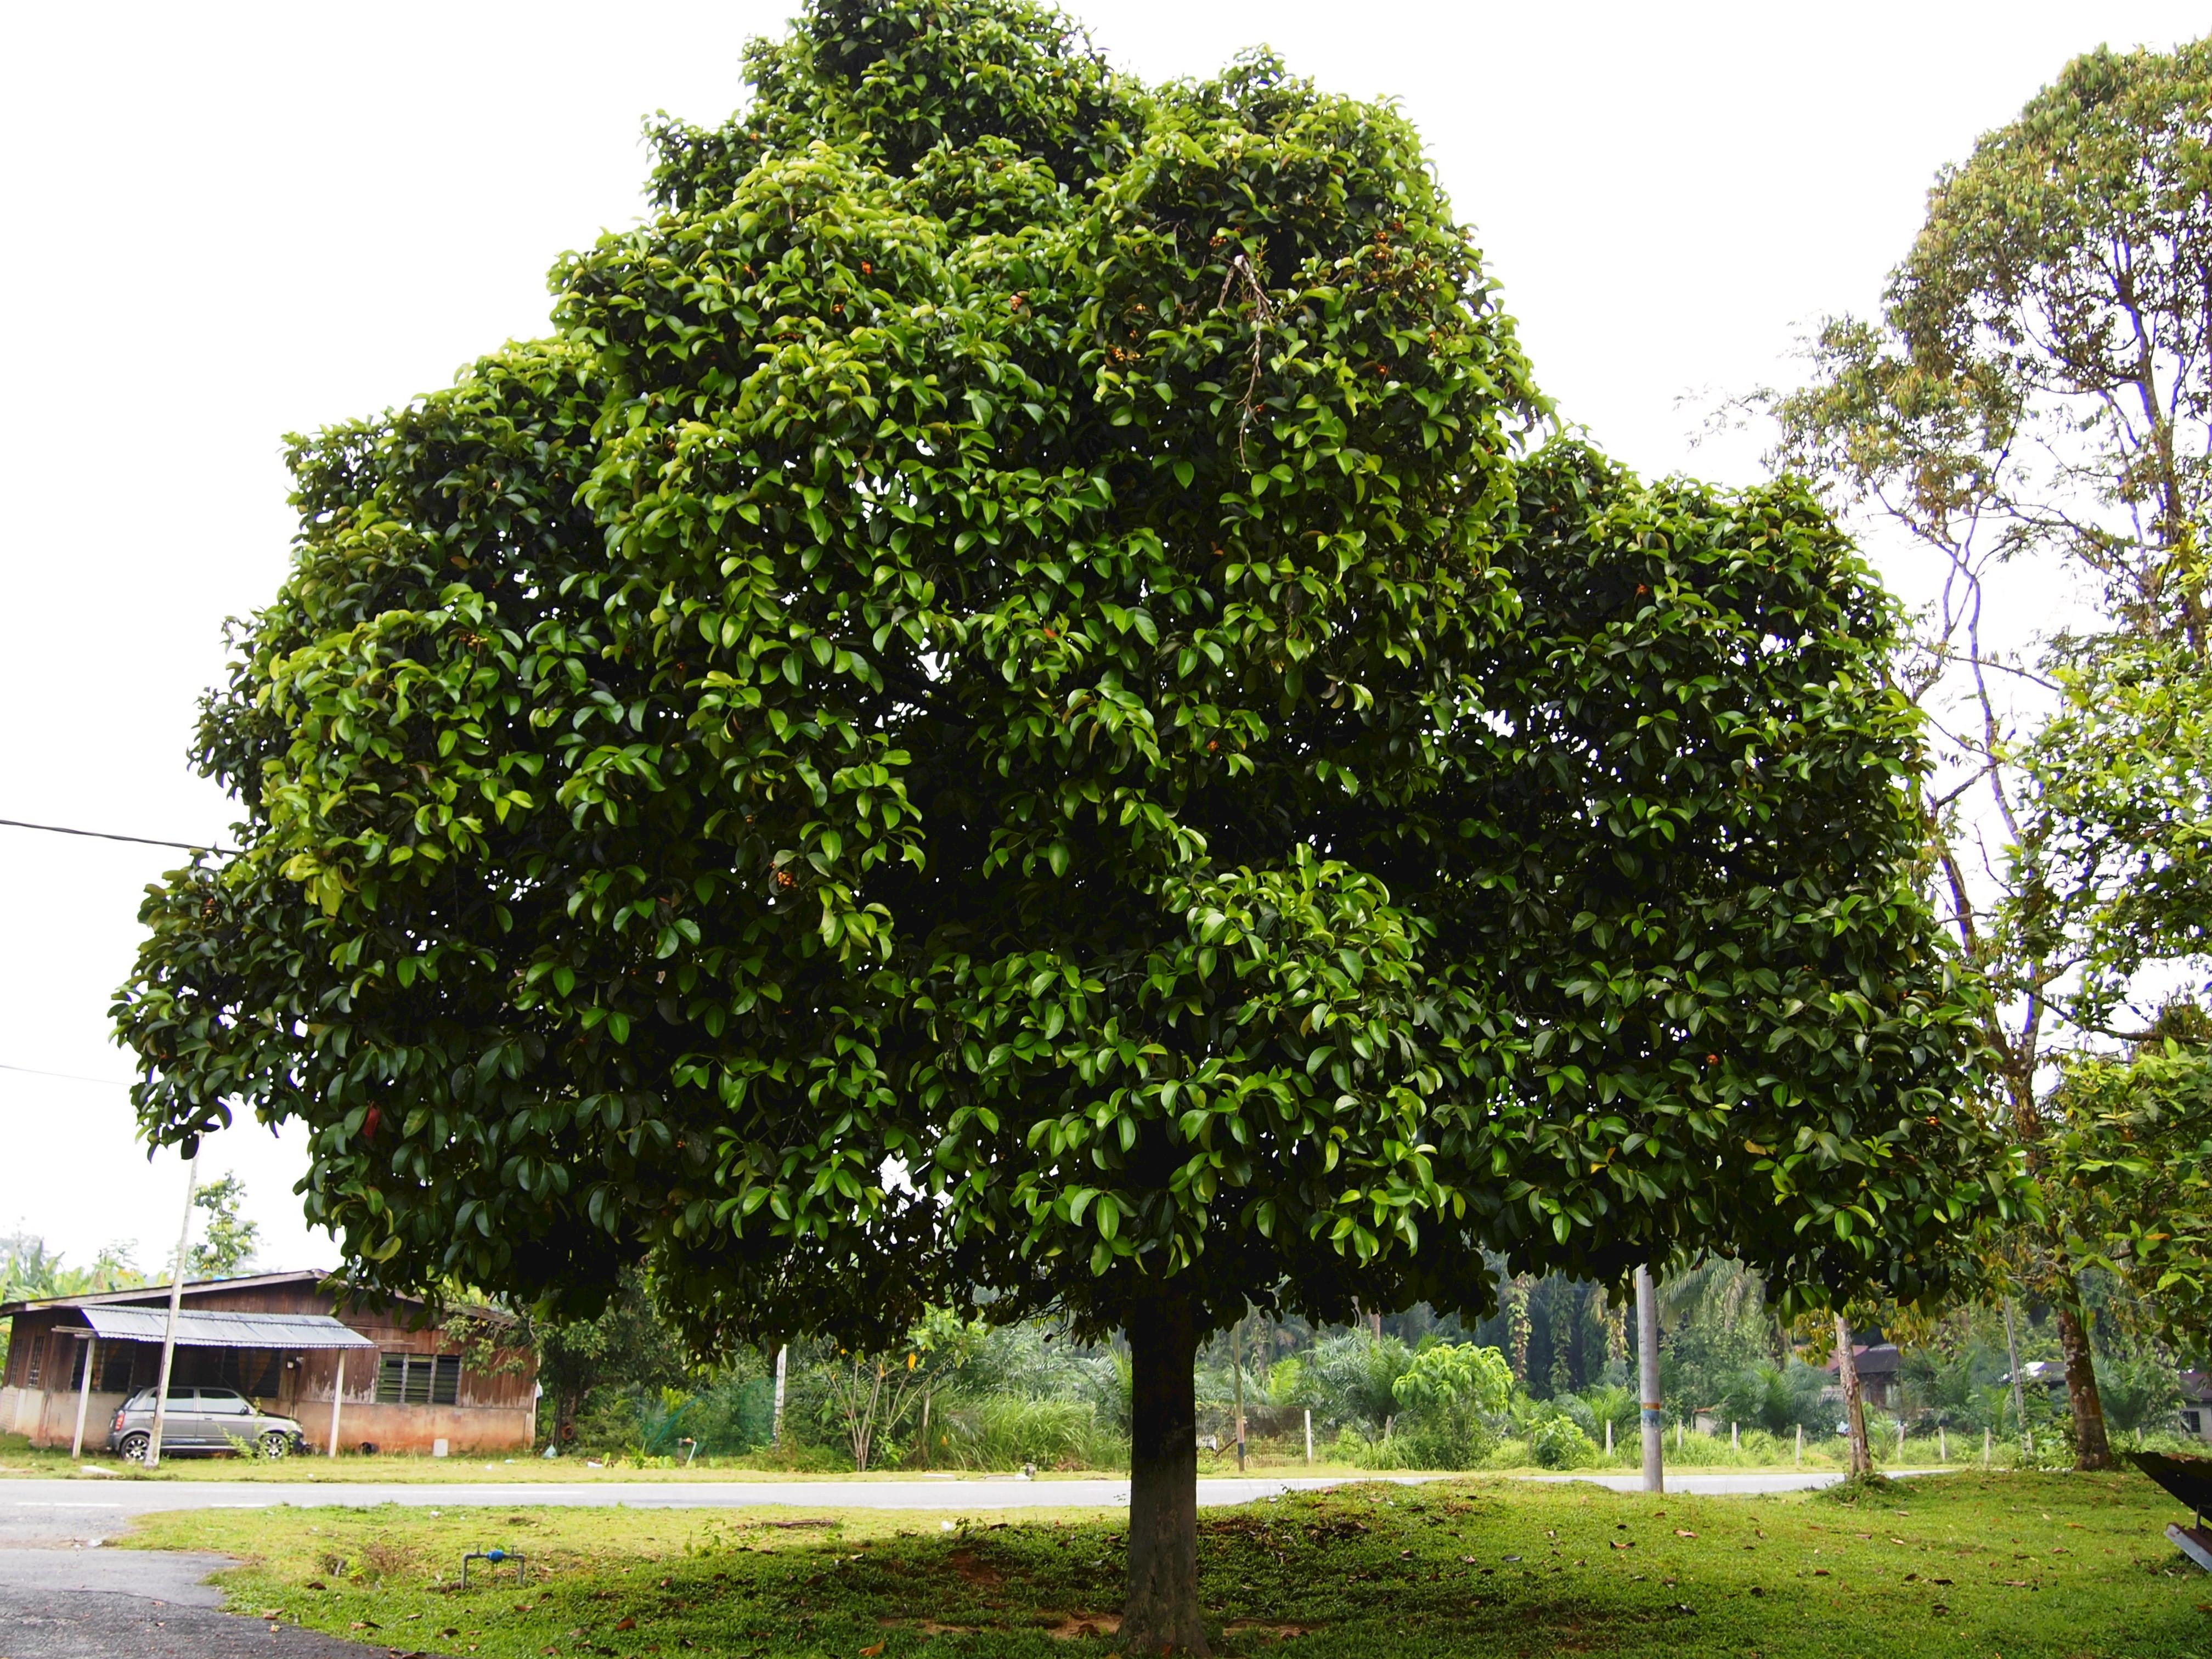 Mangosteen tree. Photo taken on September 24, 2011.